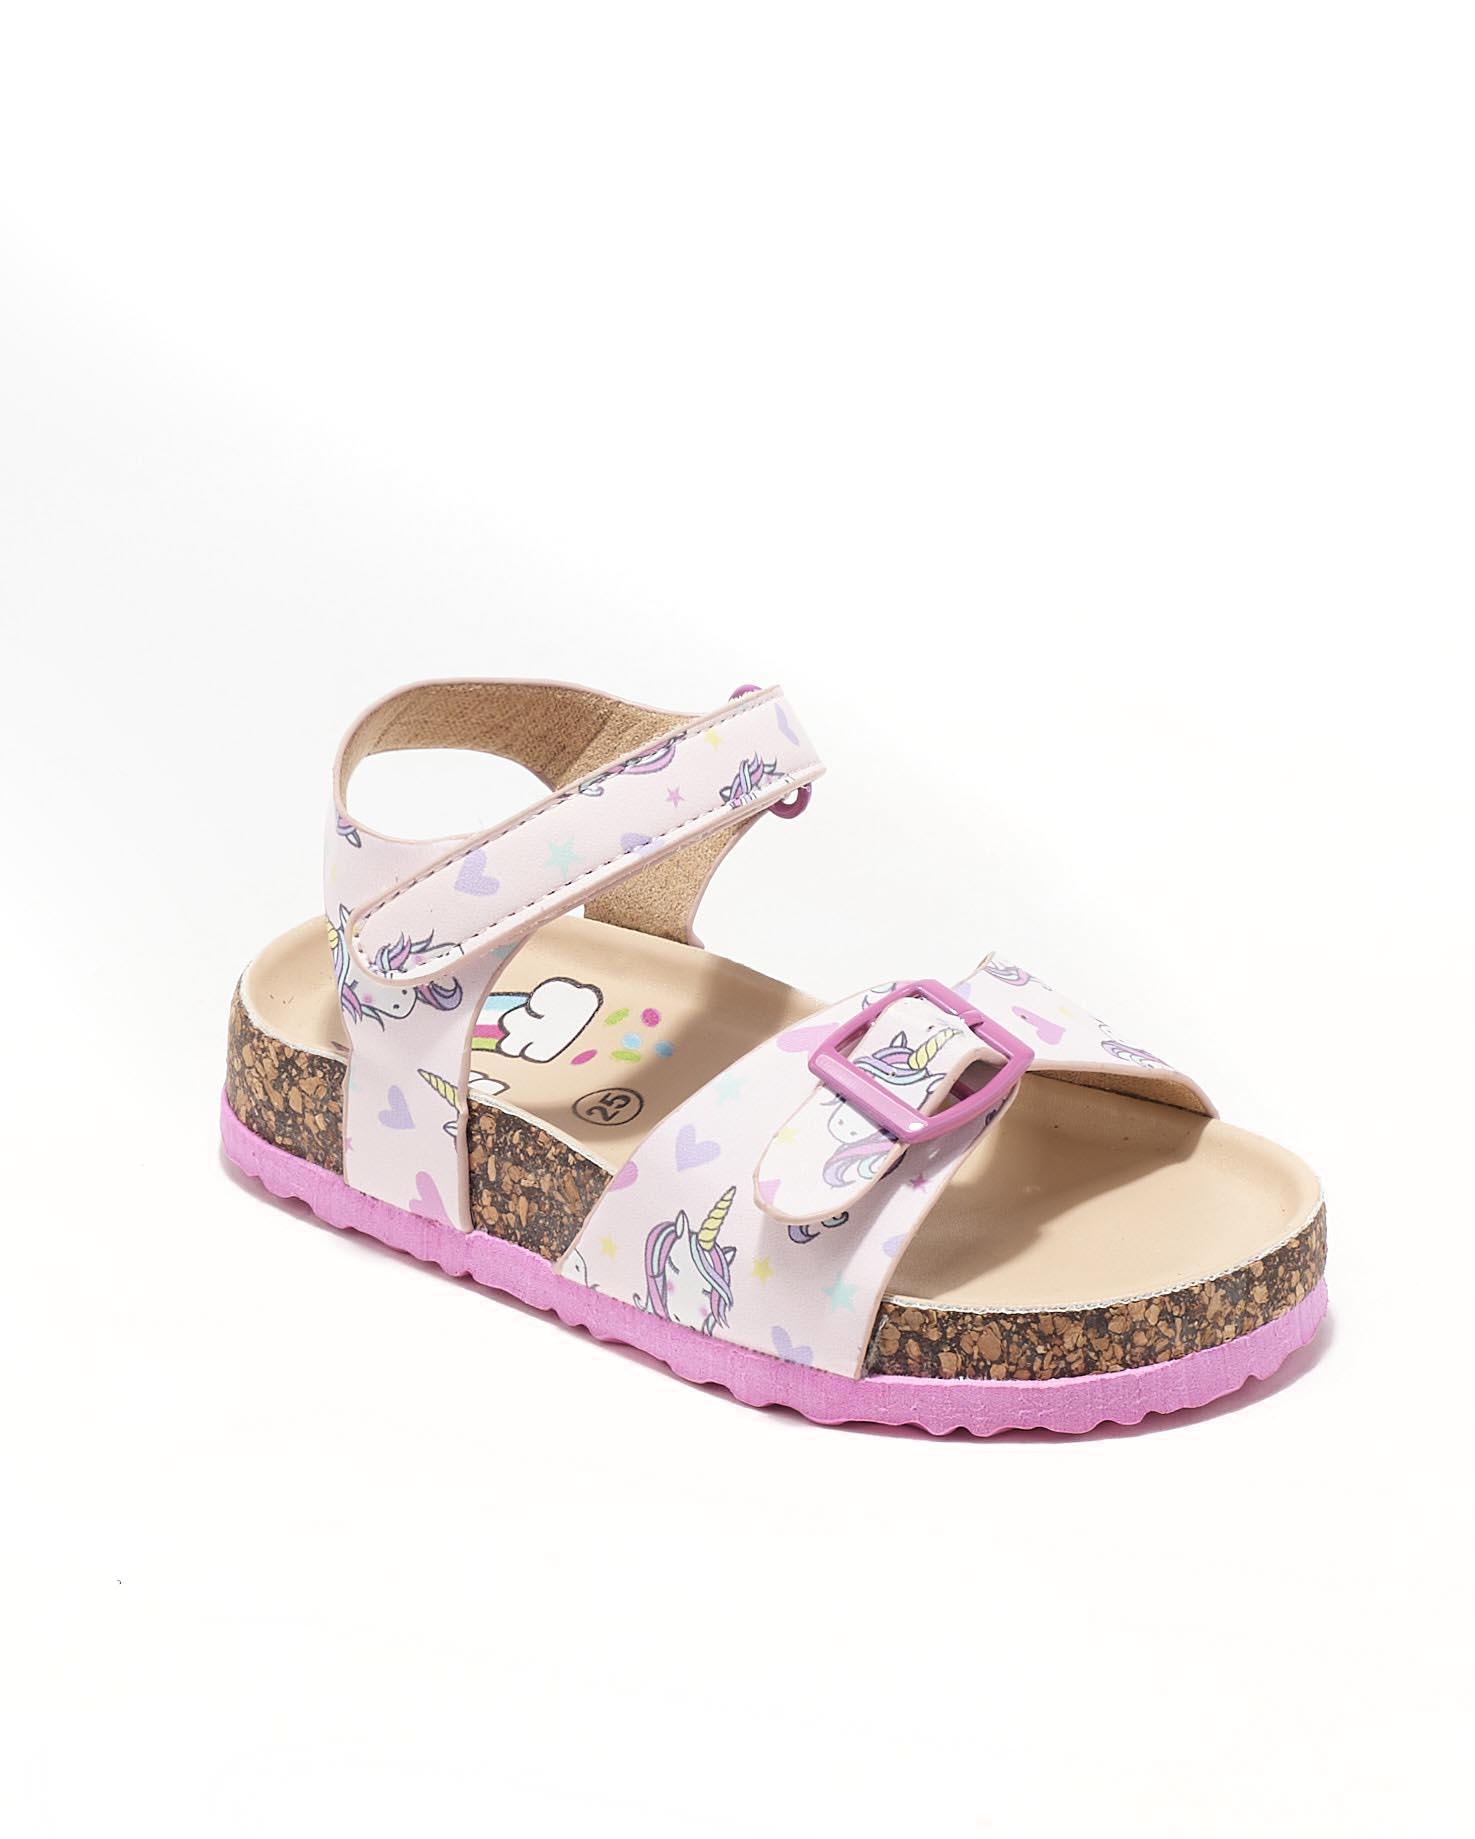 Sandales Fille - Sandale Ouverte Rose Jina - Ct00010